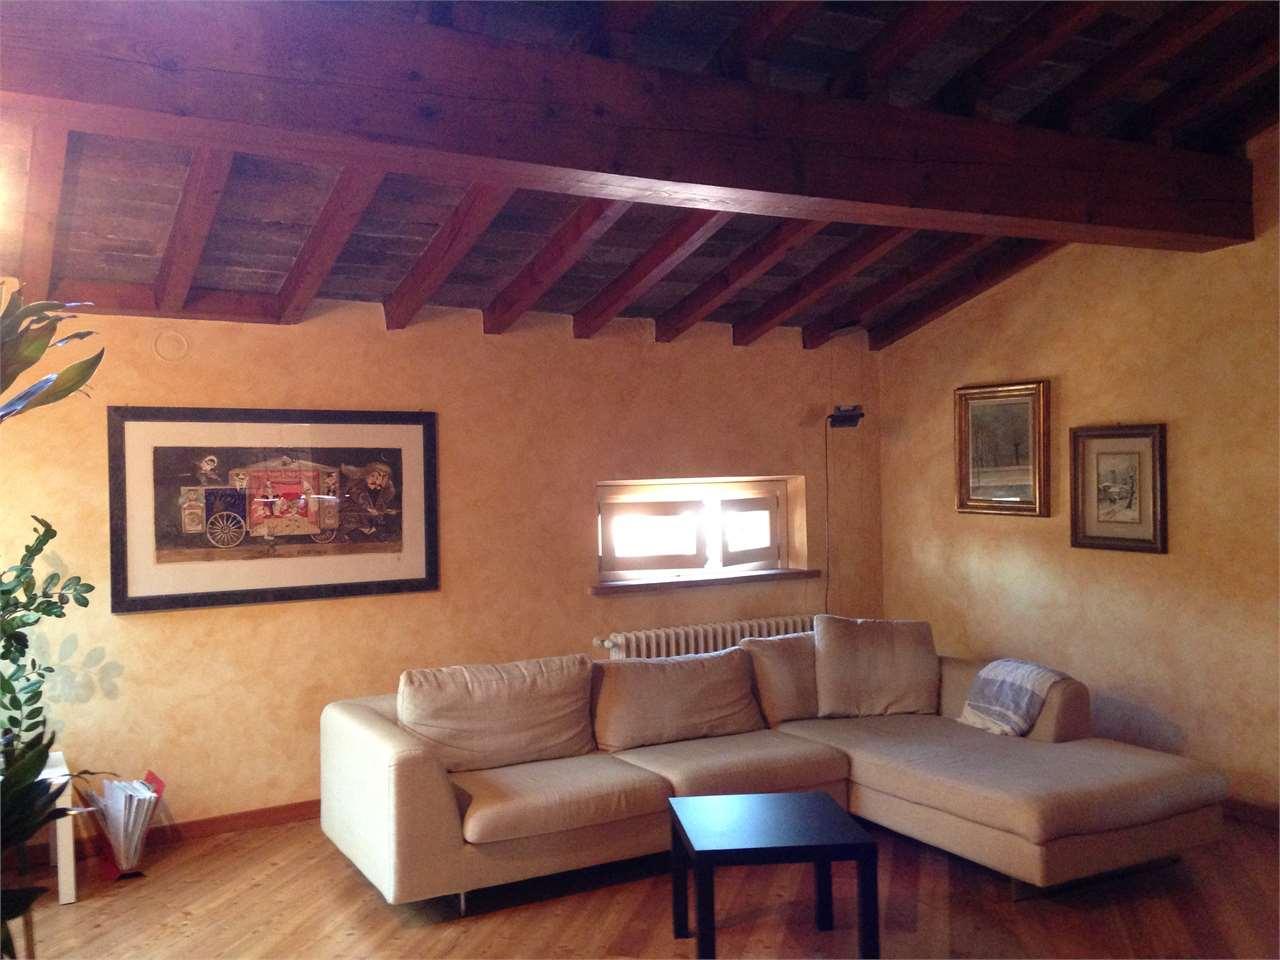 Appartamento in vendita a Mantova, 5 locali, zona Zona: Centro storico, prezzo € 500.000 | CambioCasa.it